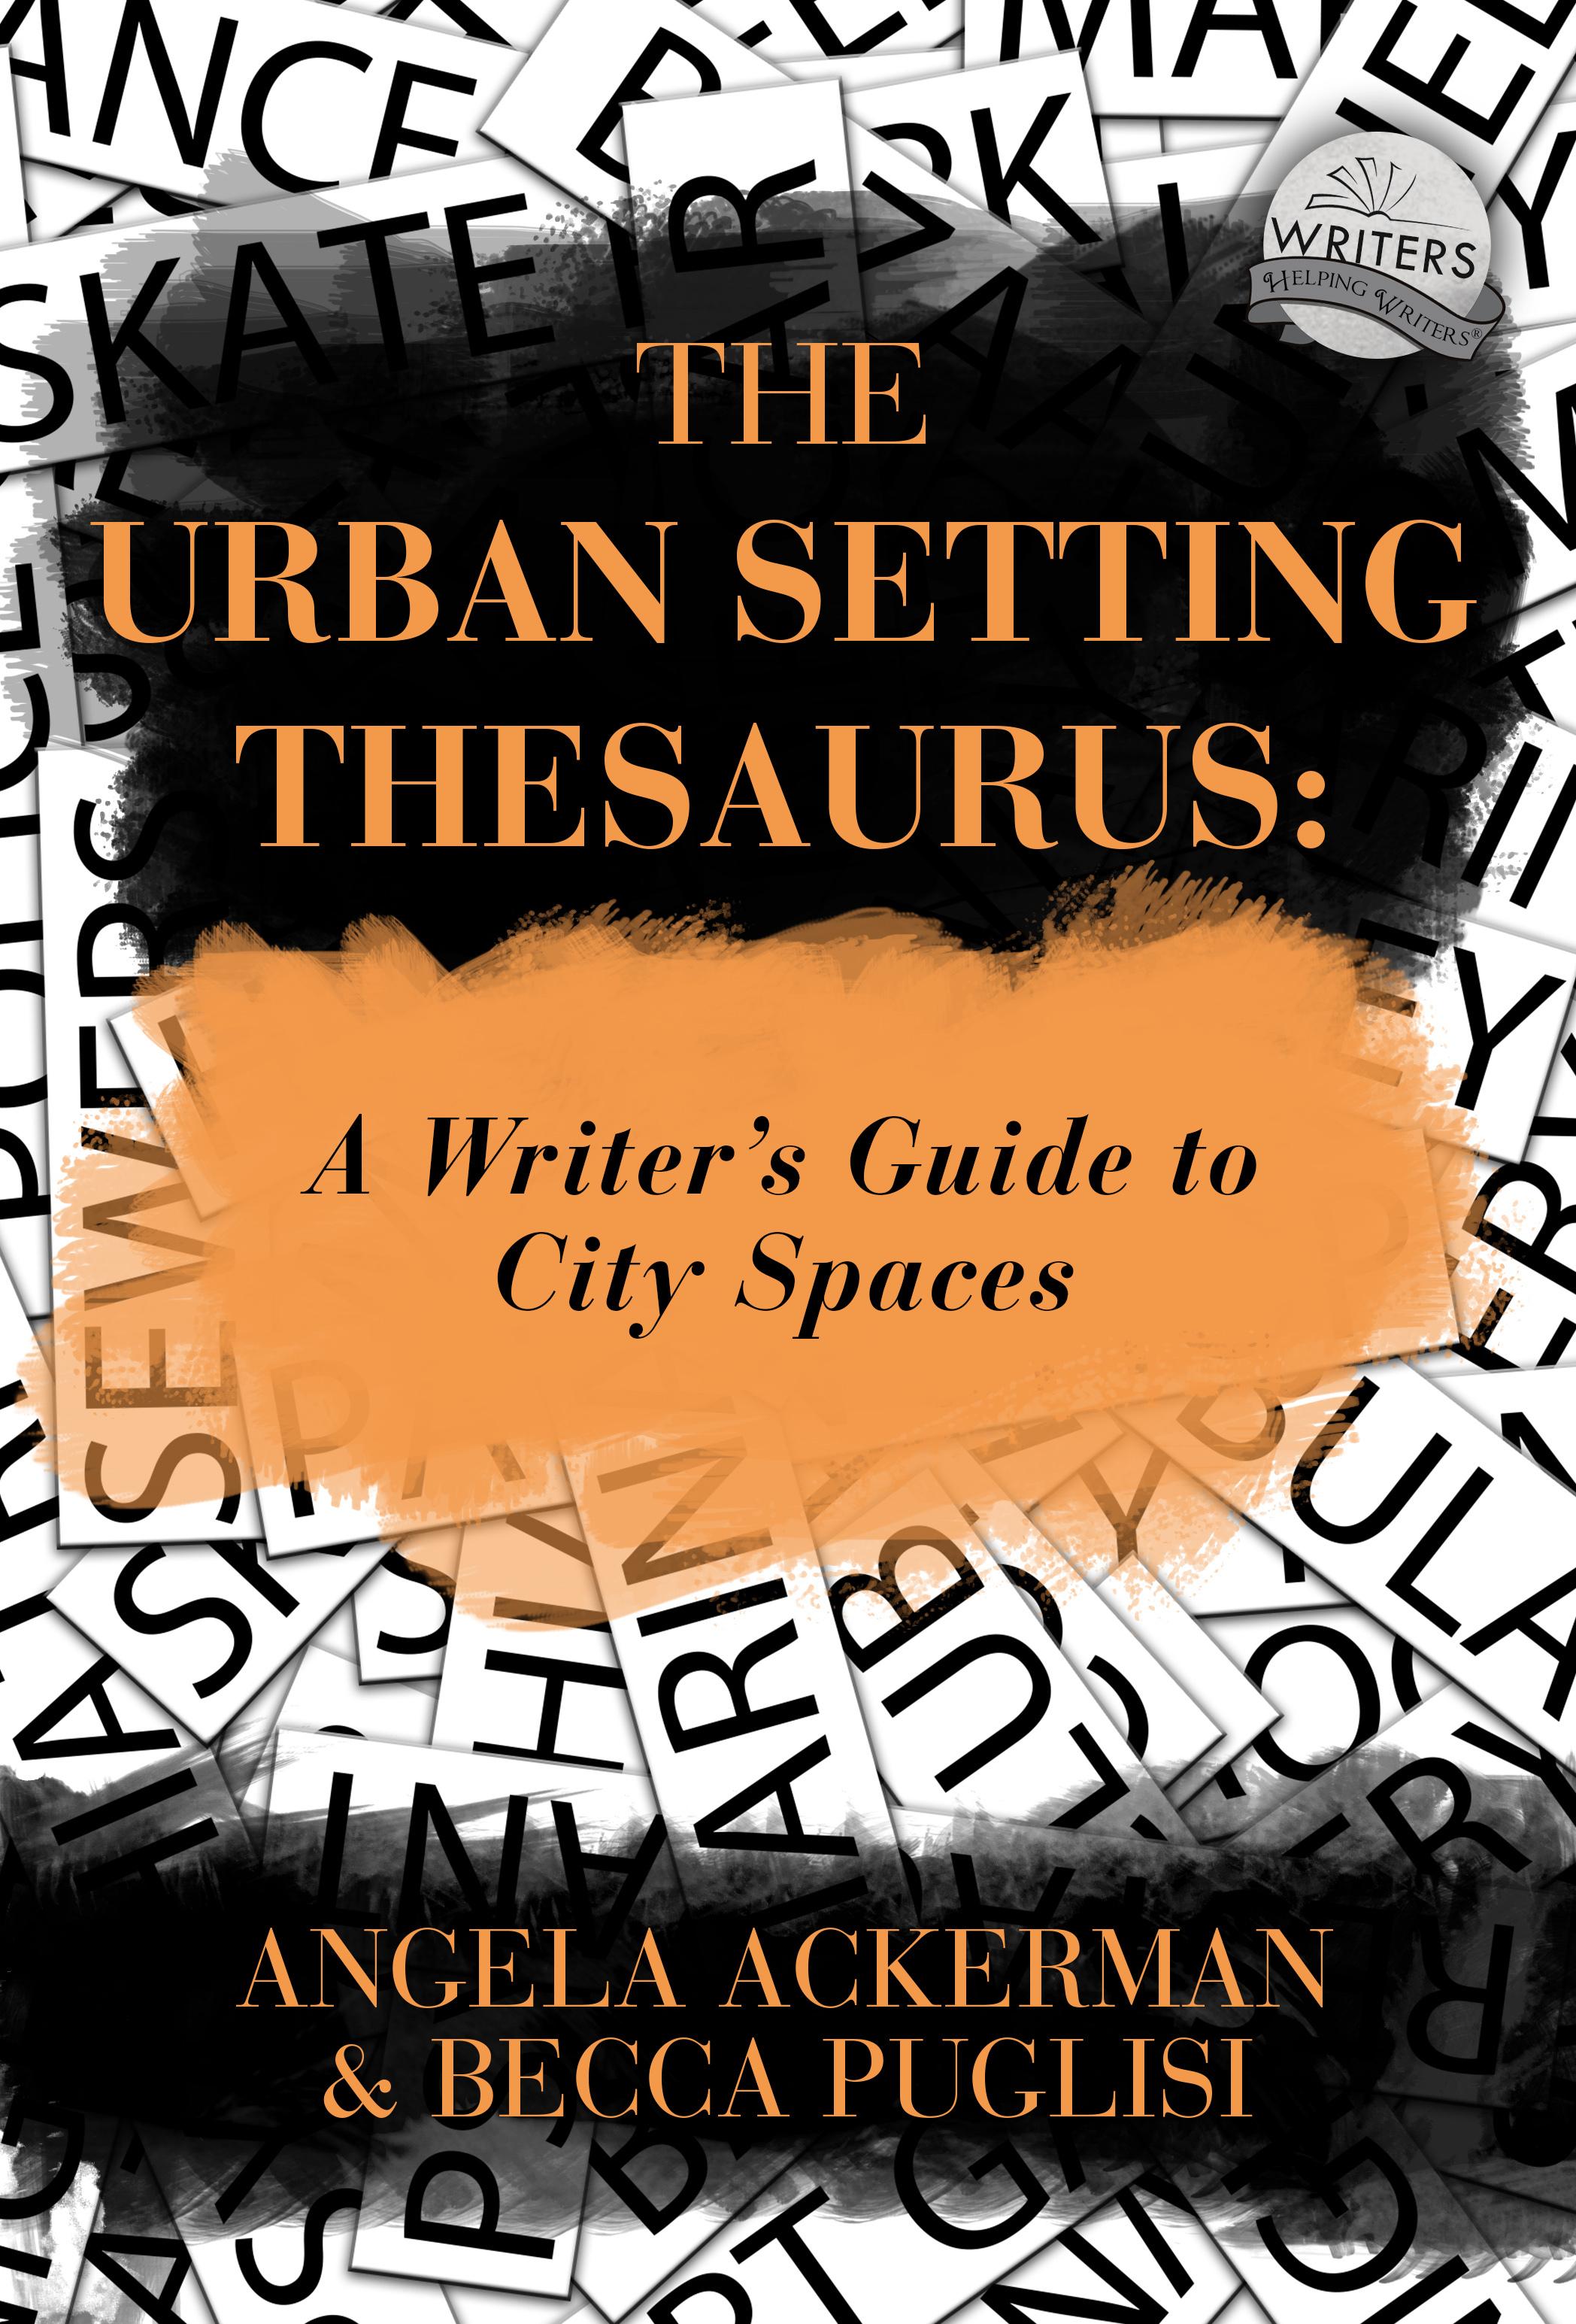 The Urban Setting